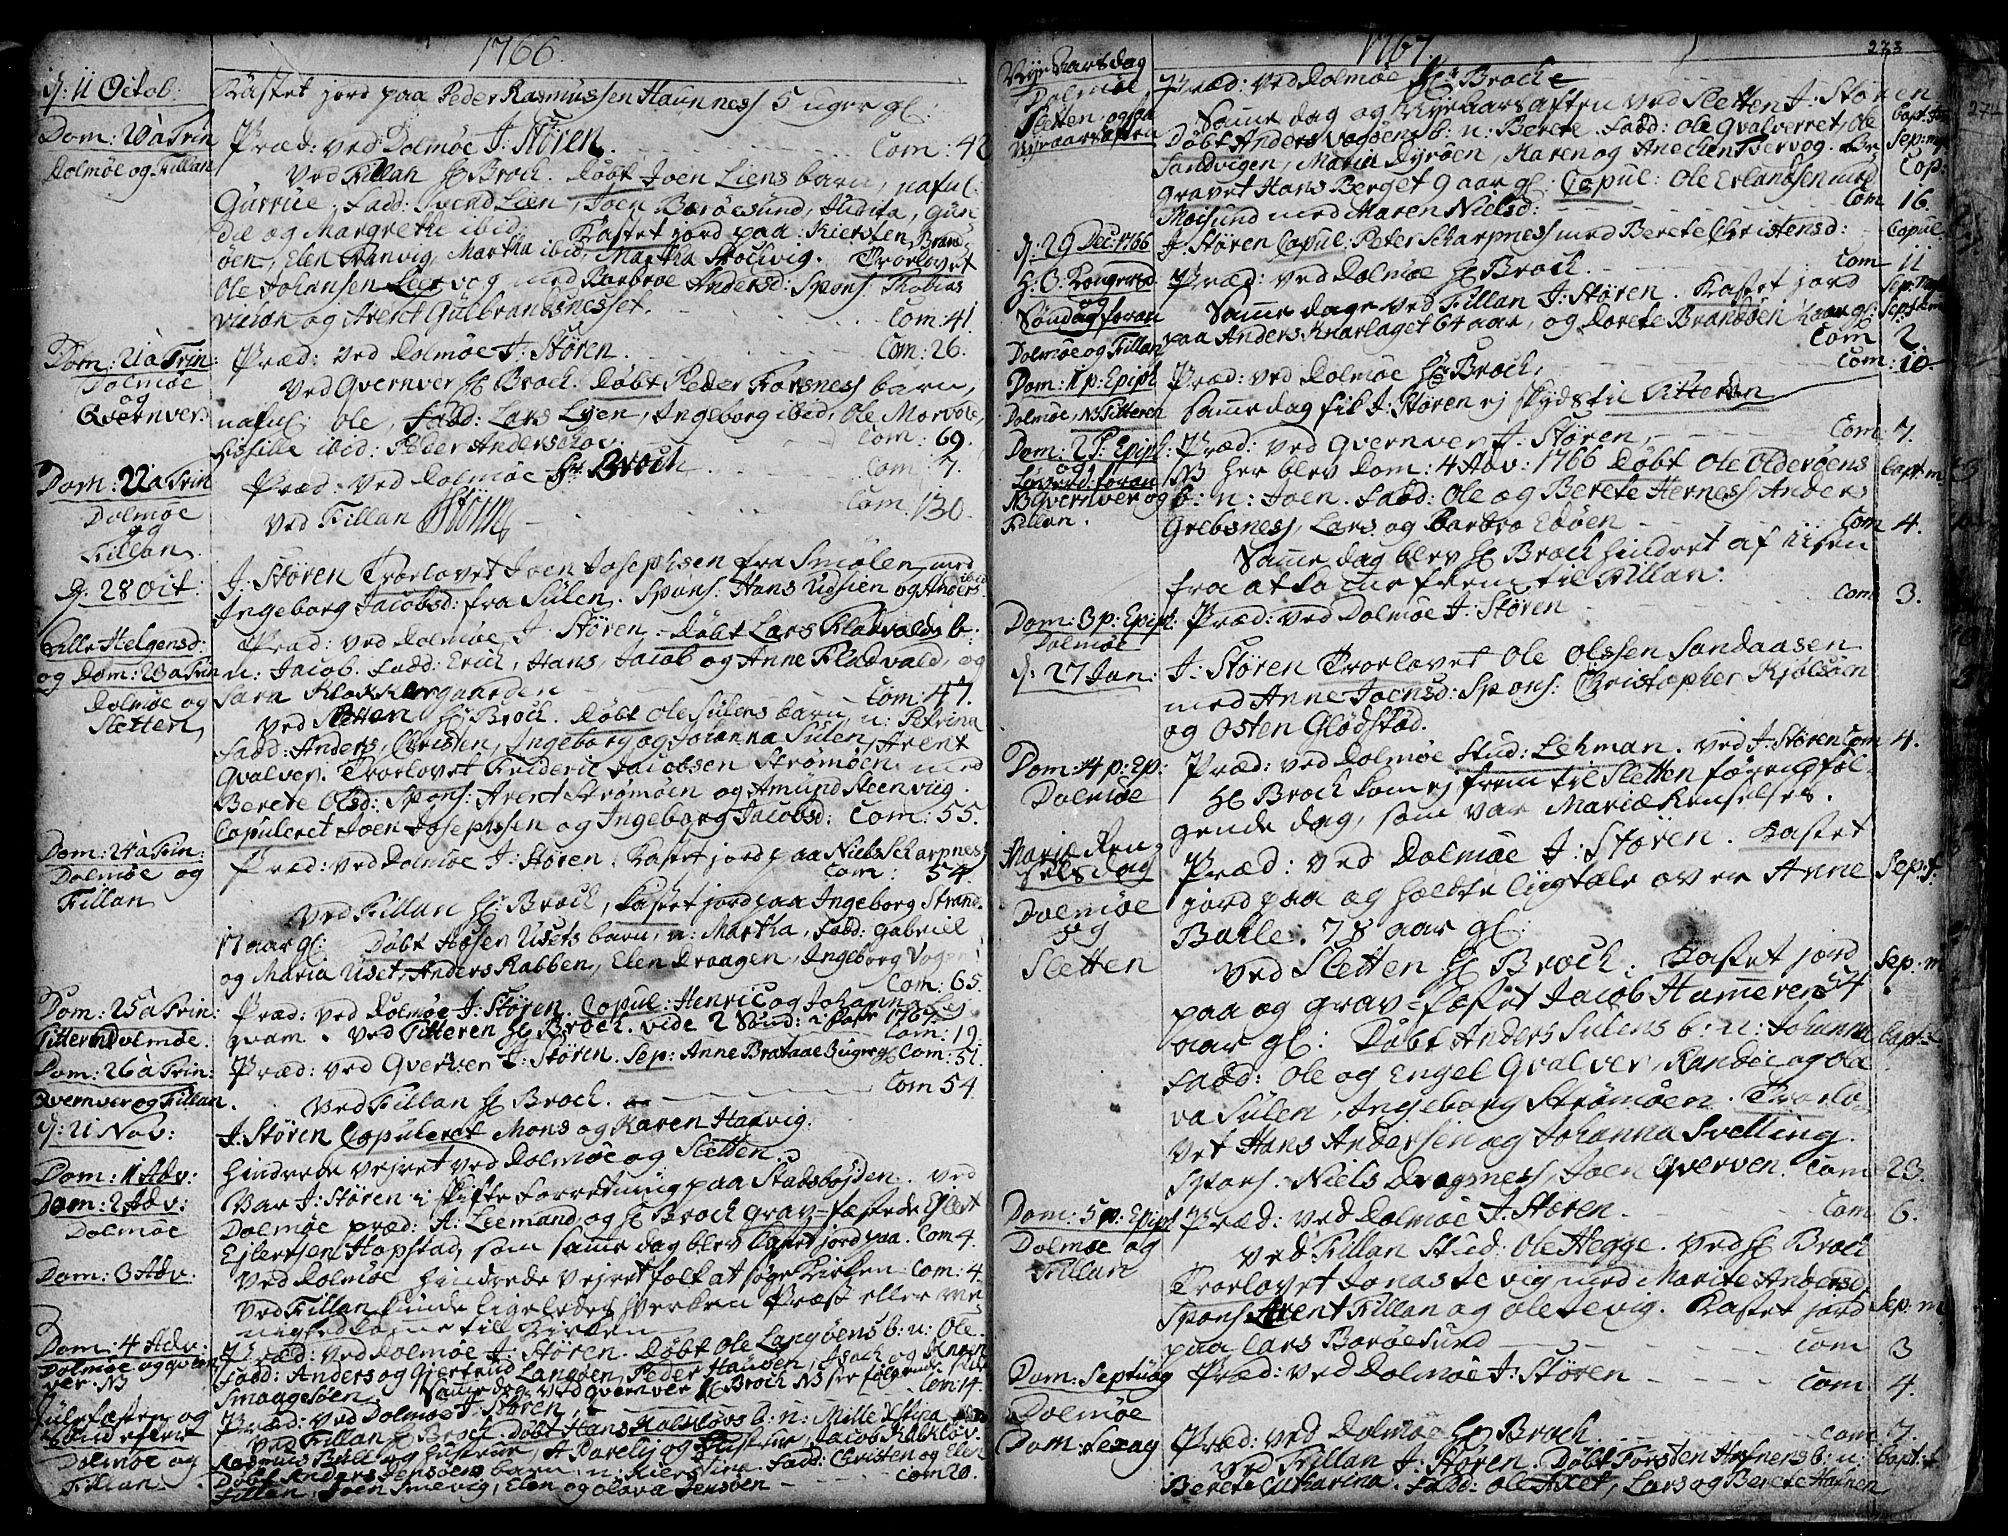 SAT, Ministerialprotokoller, klokkerbøker og fødselsregistre - Sør-Trøndelag, 634/L0525: Ministerialbok nr. 634A01, 1736-1775, s. 273